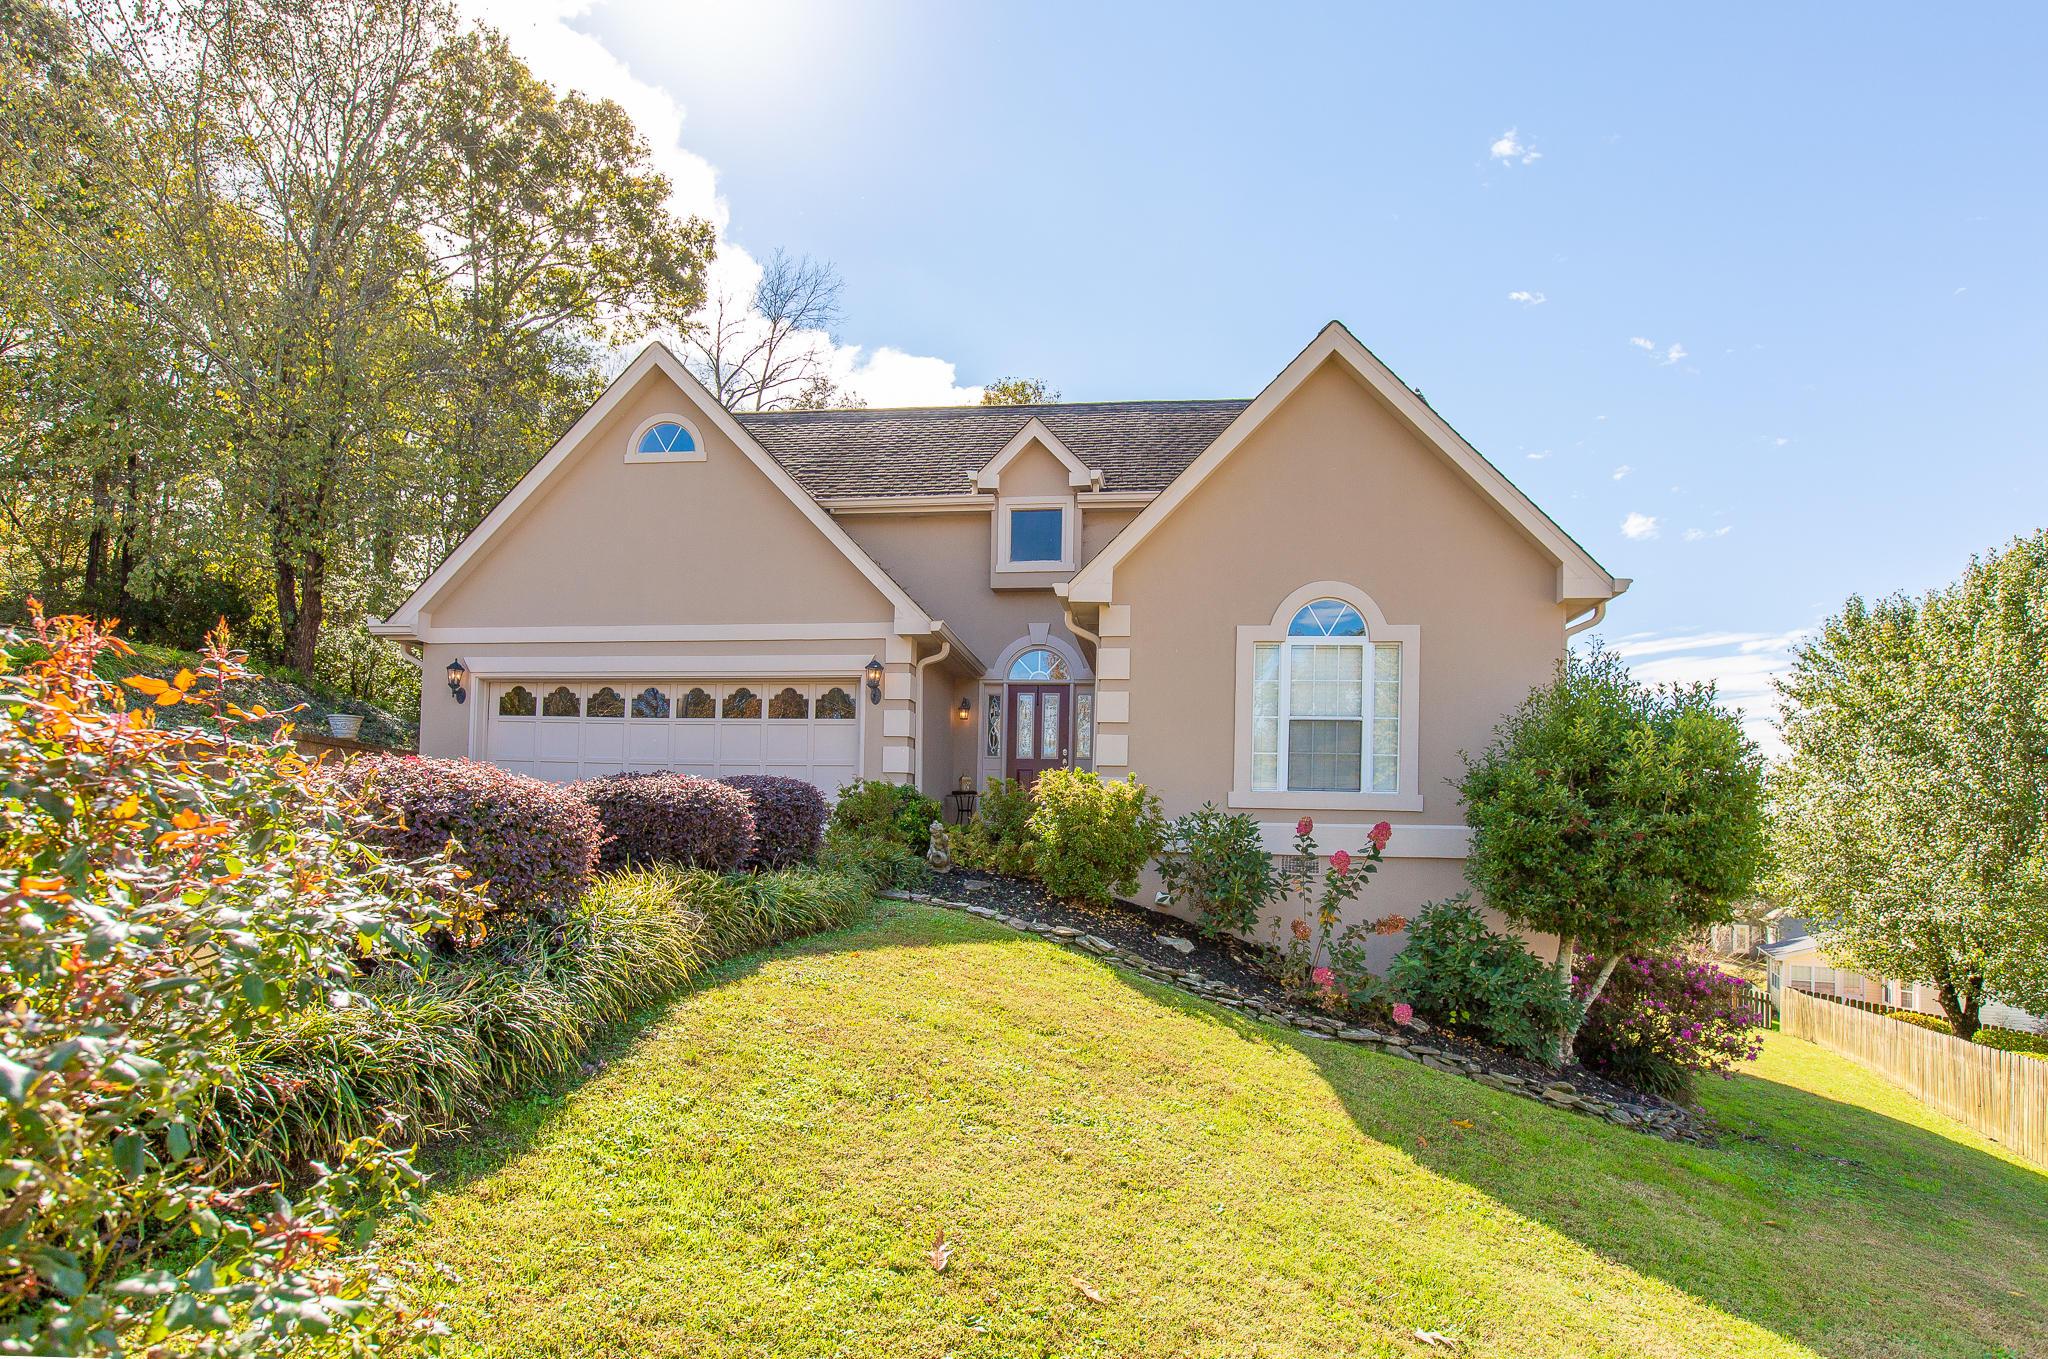 4526 Spring Lake Rd, Chattanooga, TN 37415